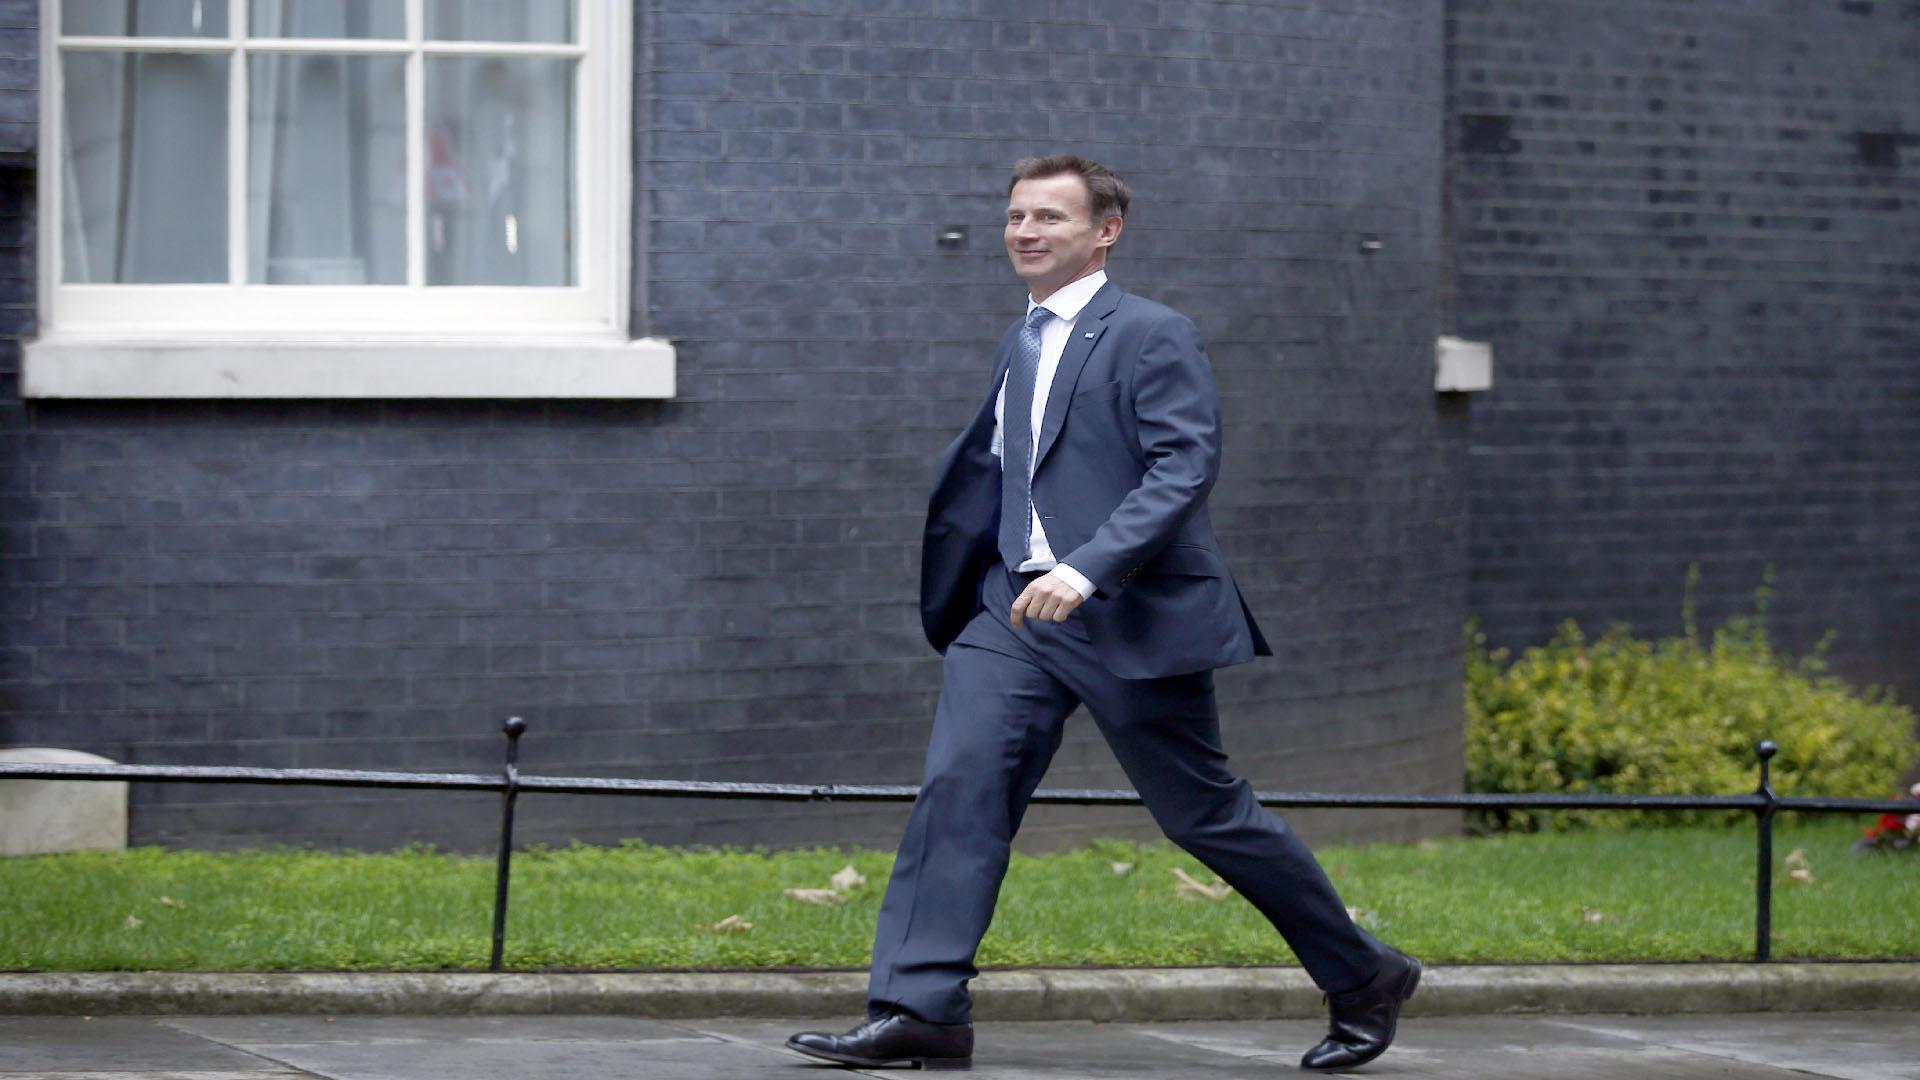 La salida del Reino Unido de la UE generó duda en los británicos